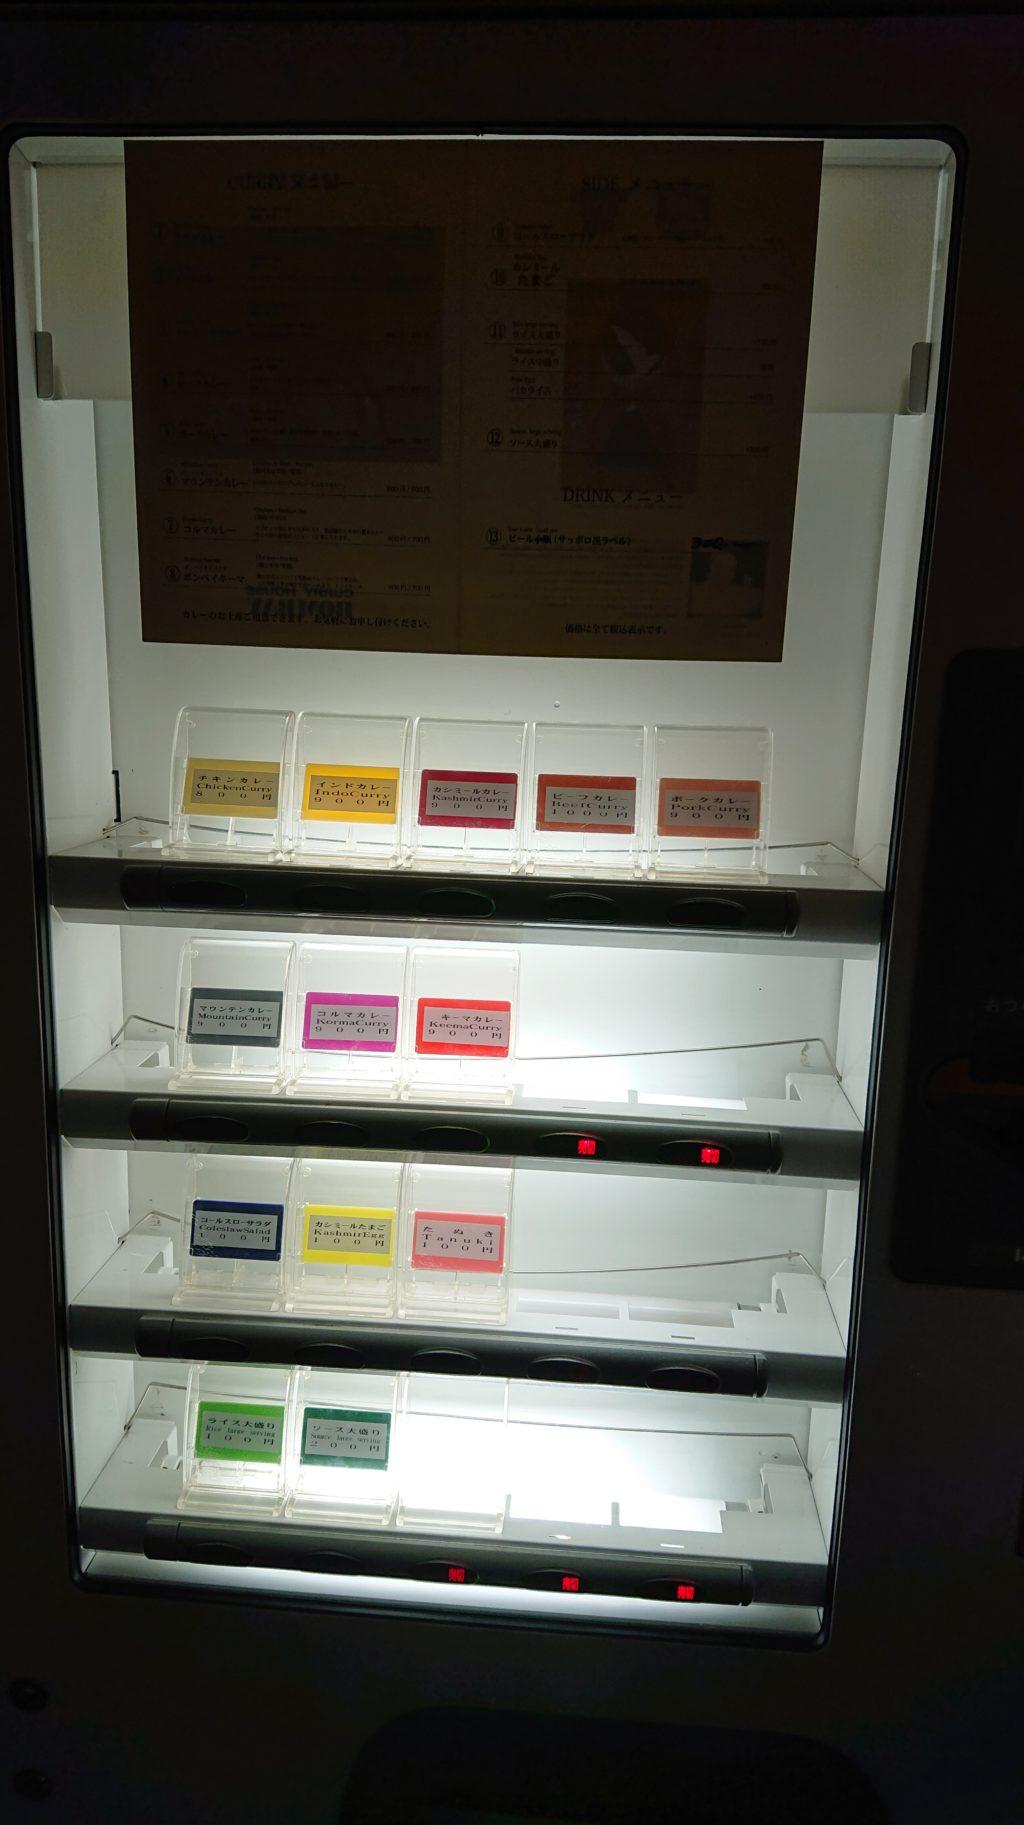 カレーの店ボンベイ 恵比寿店 食券機